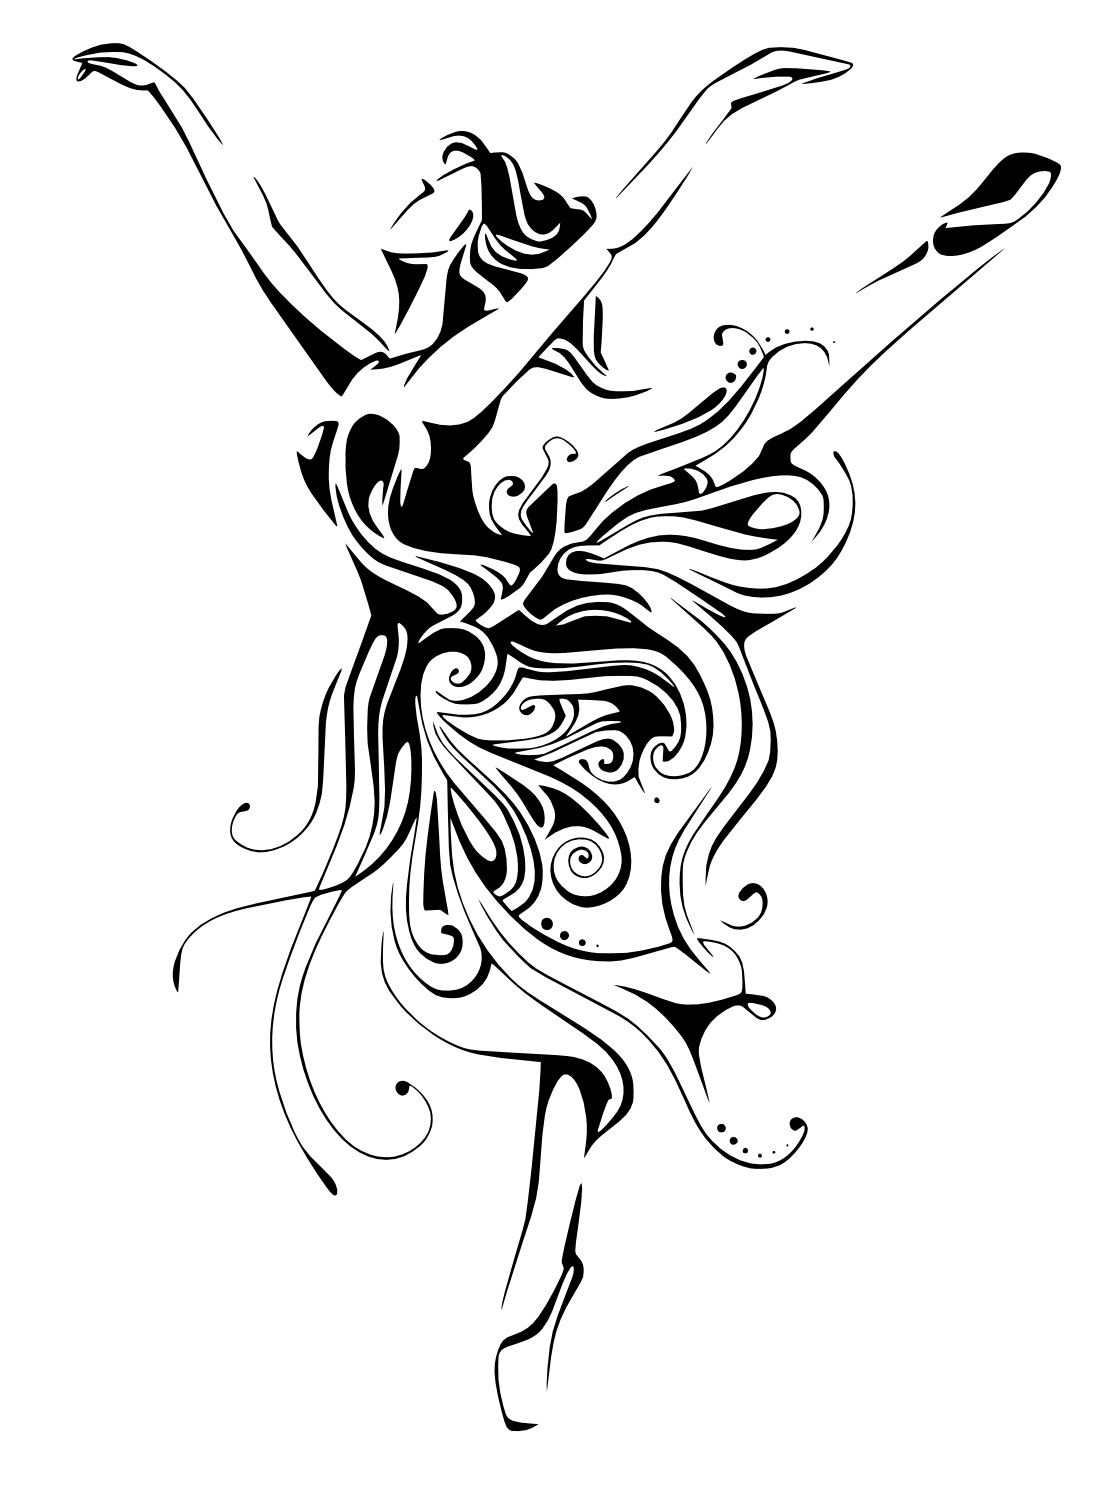 Ballerina female dancer free vector cdr download 3axis